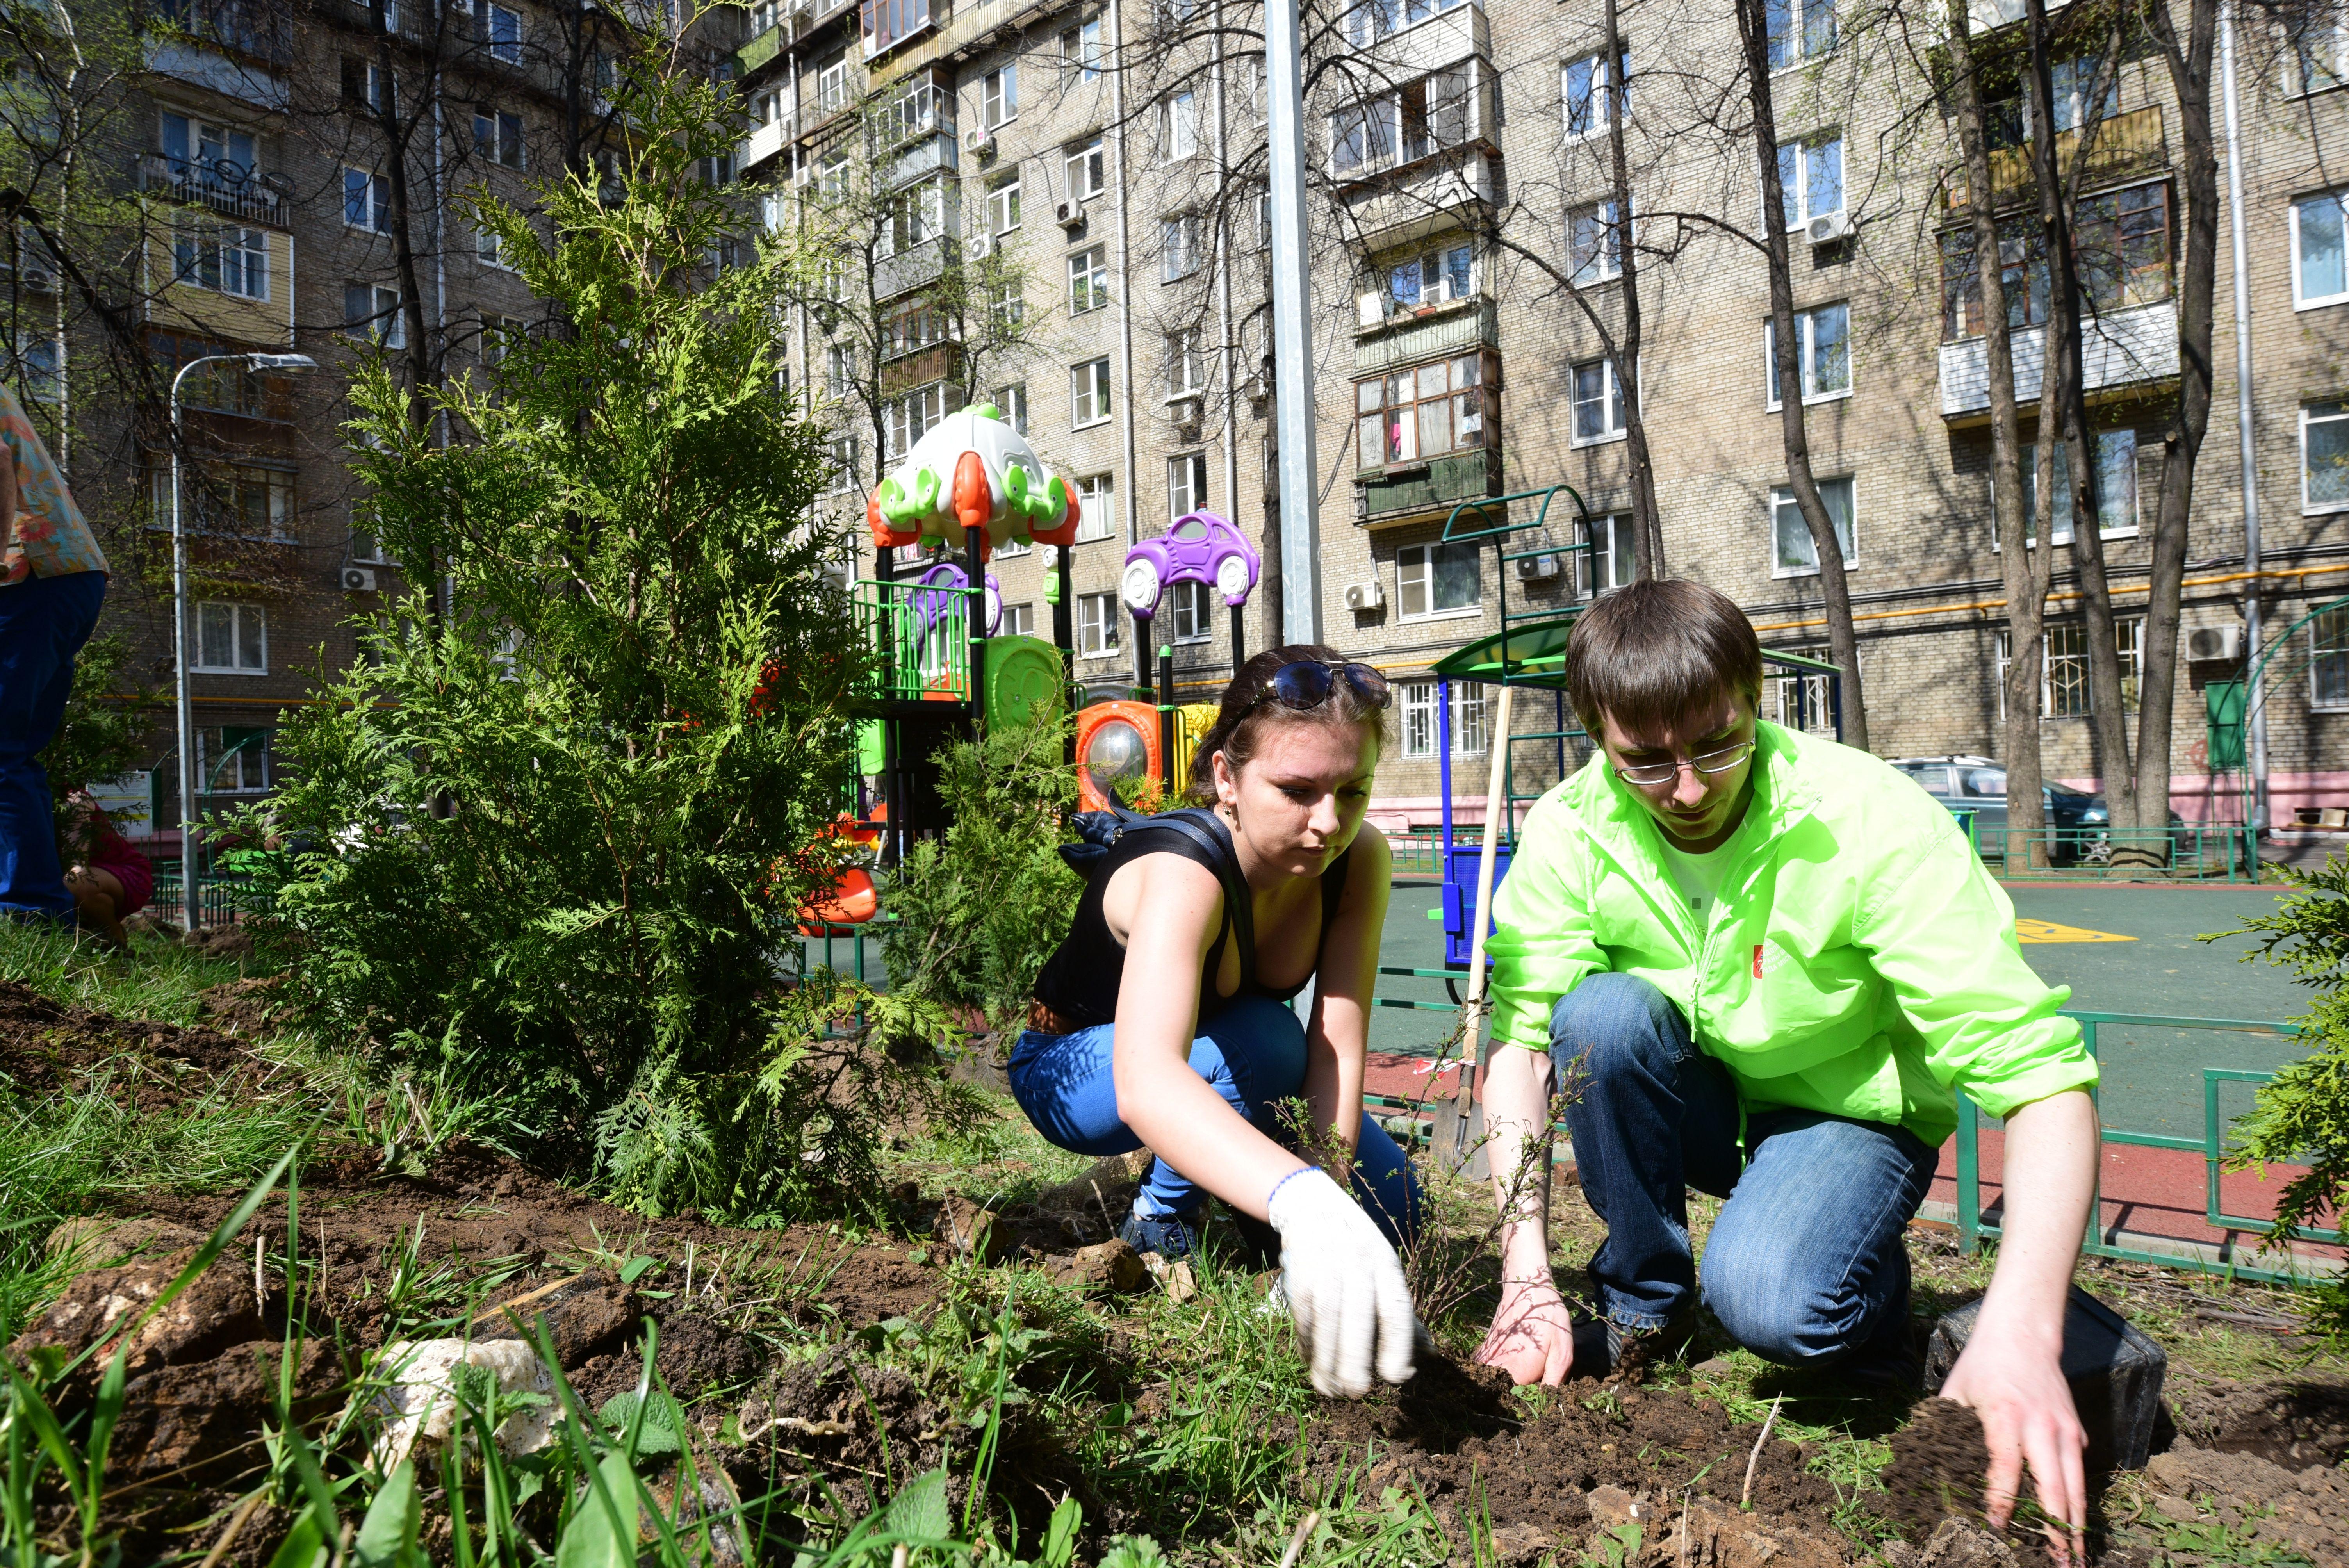 Более двух тысяч заявок подано на посадку именных деревьев в Москве